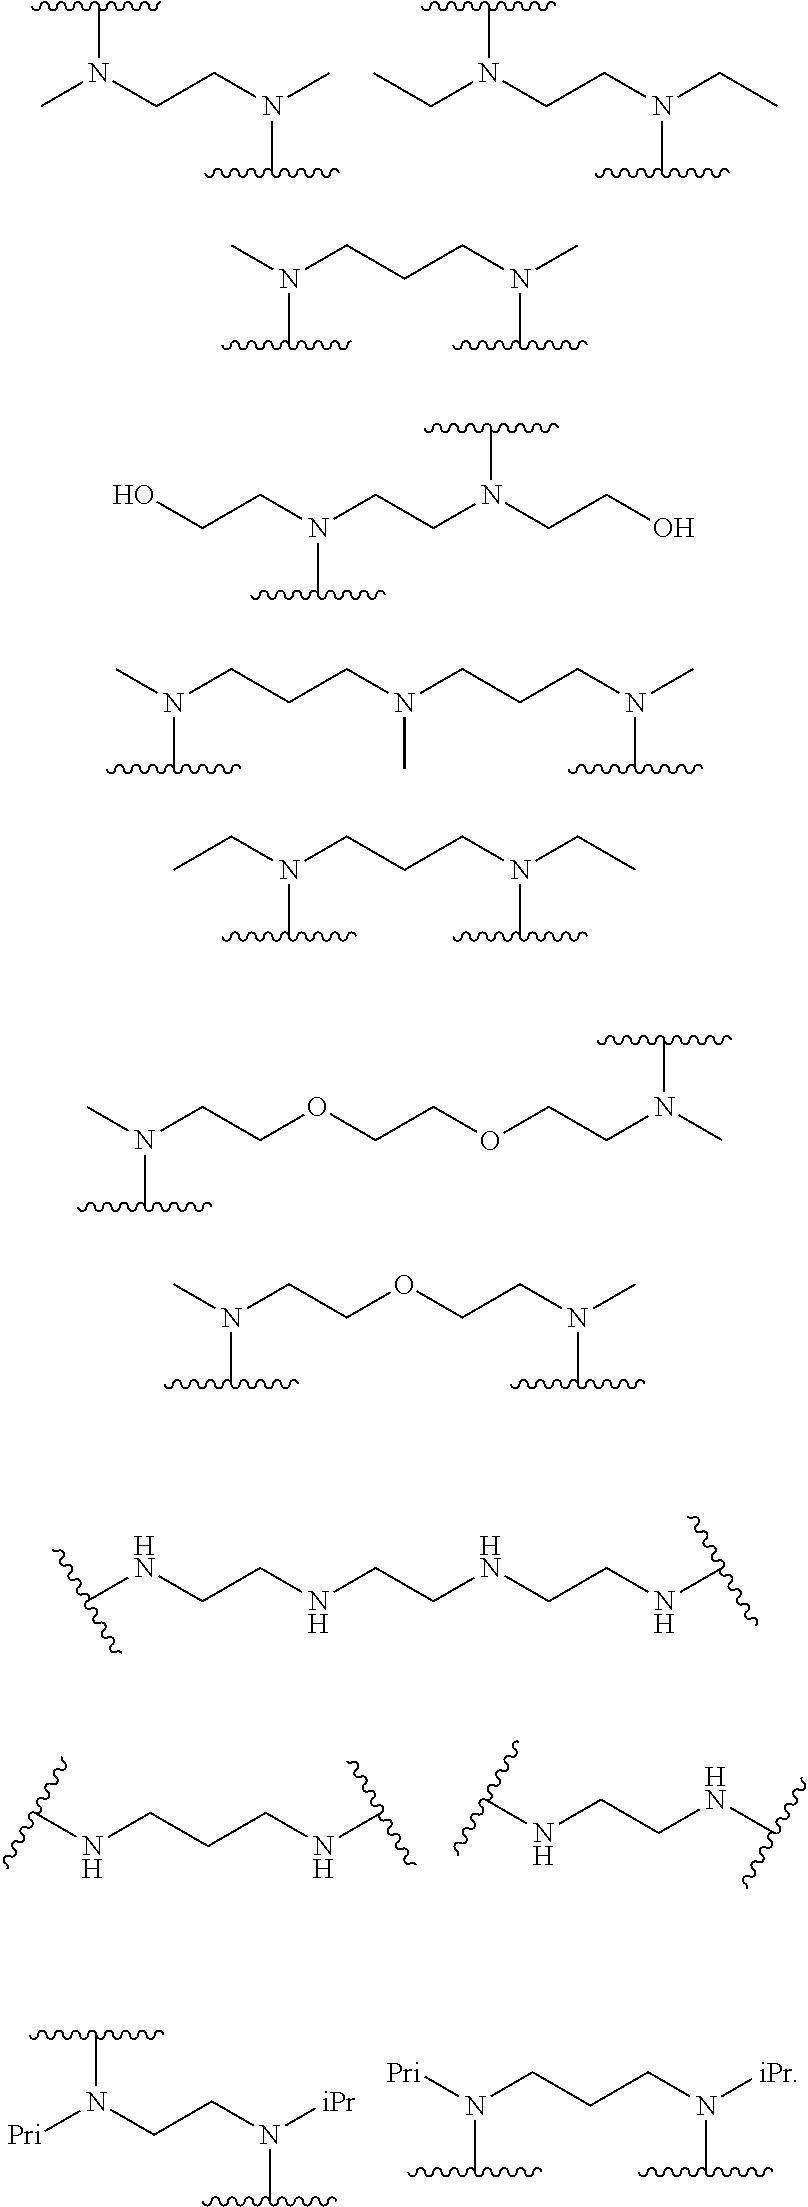 Figure US20110009641A1-20110113-C00066